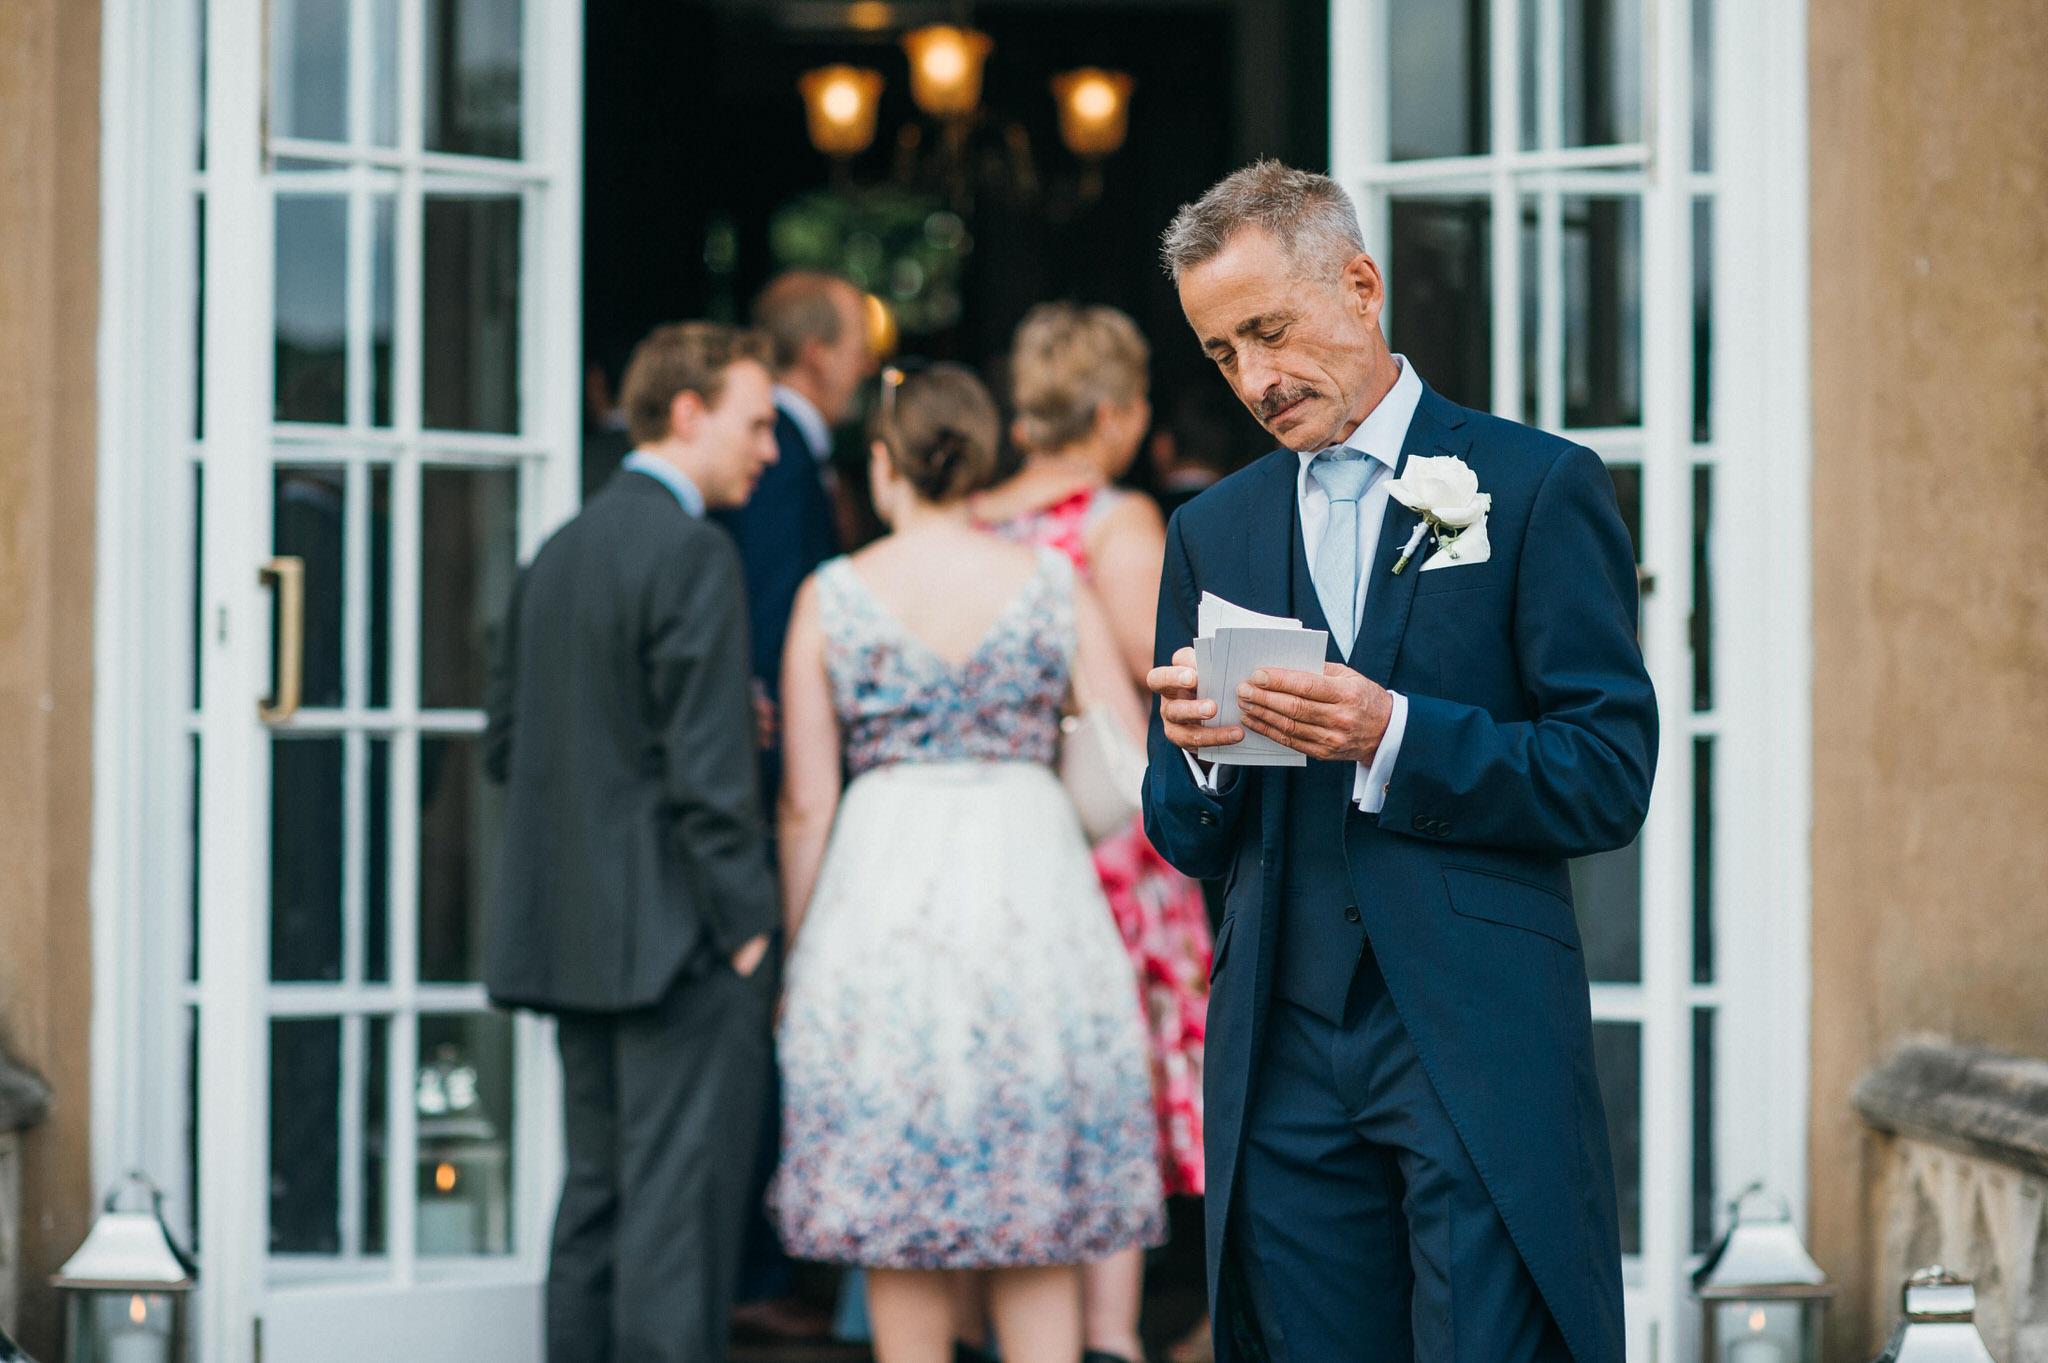 Nonsuch Mansion wedding reception